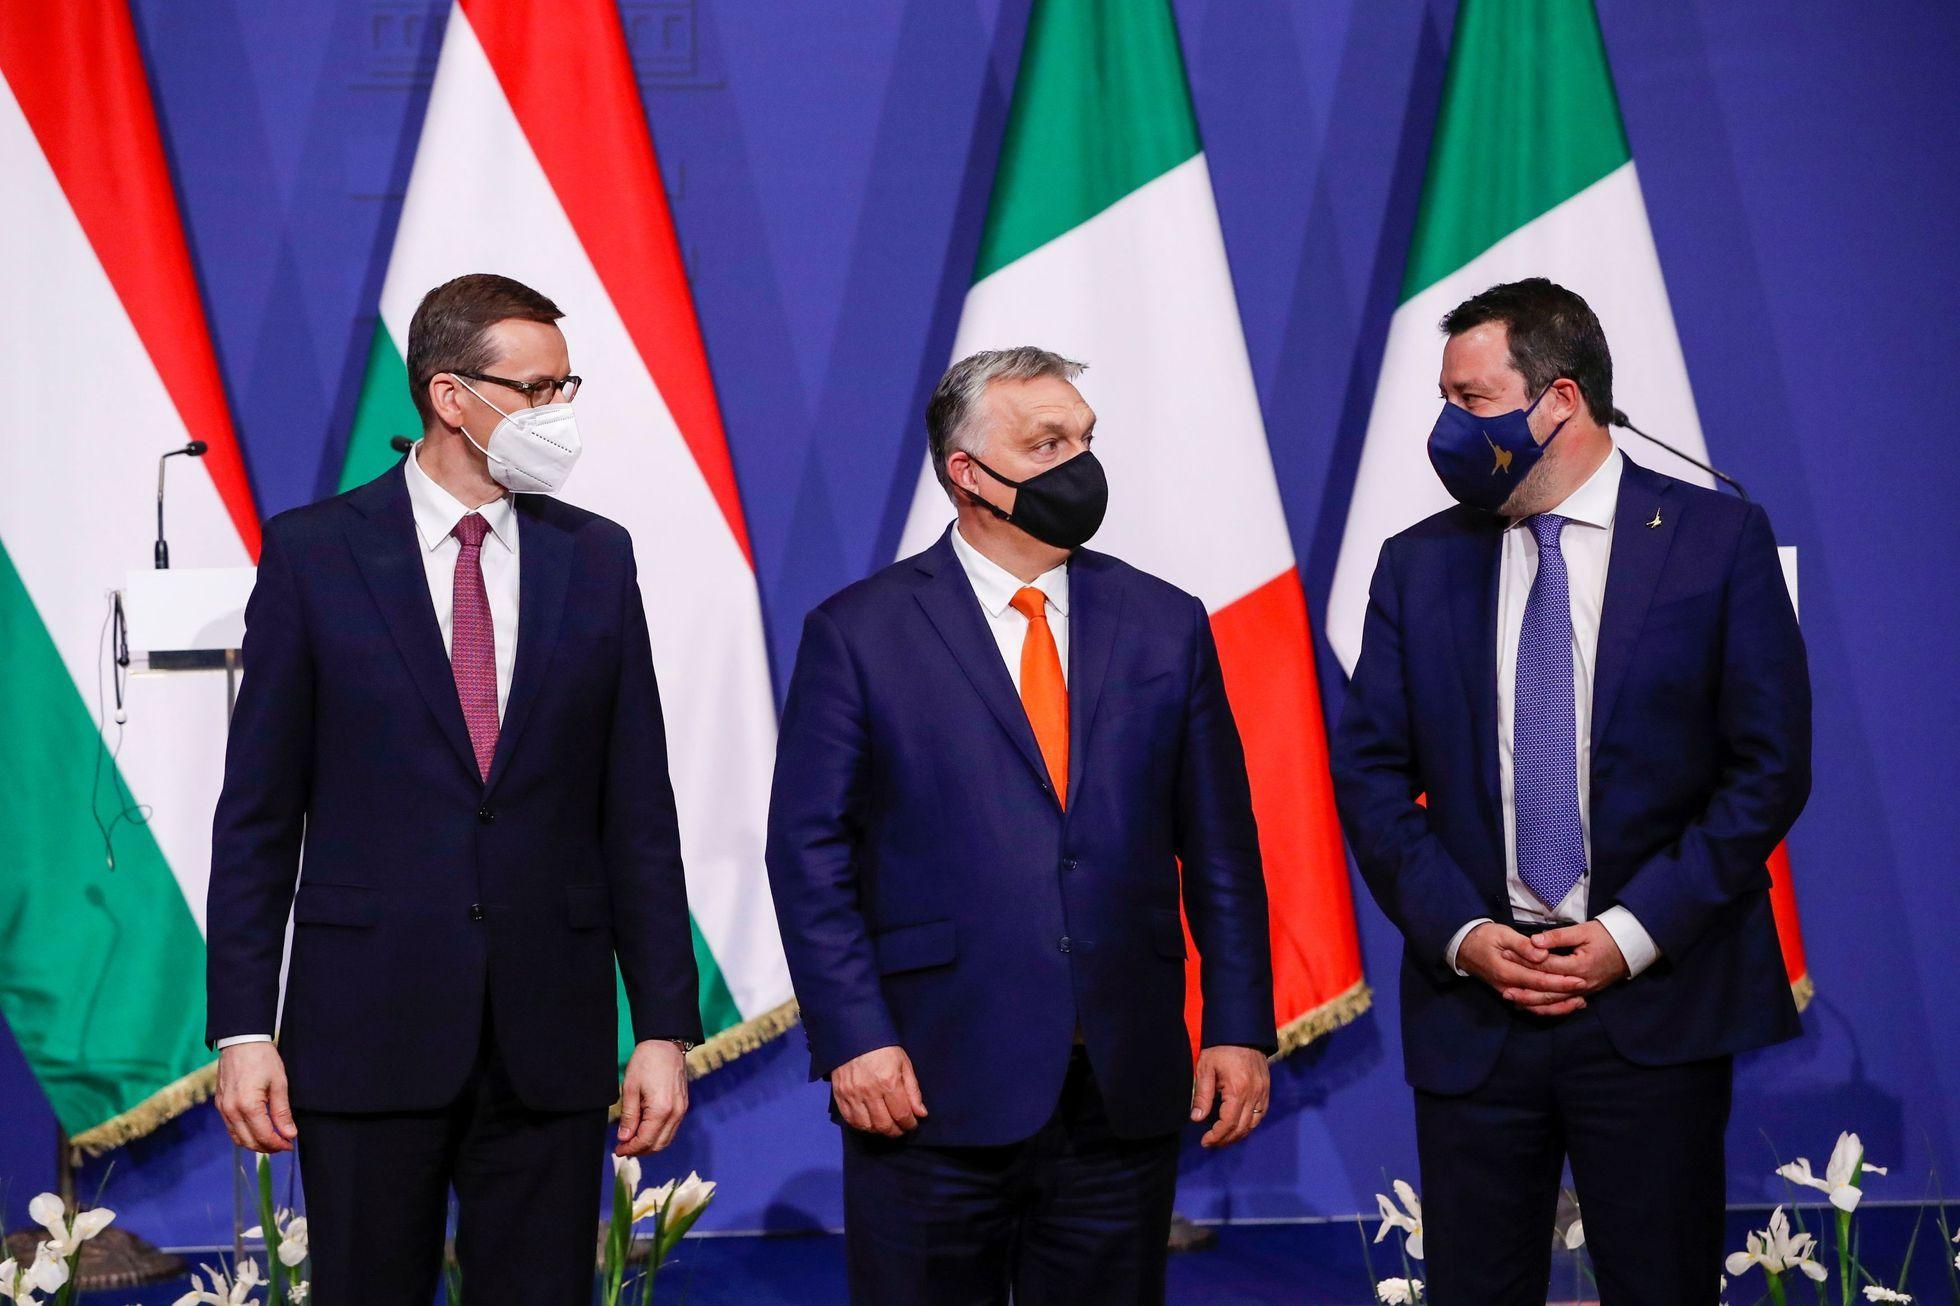 Orbánův Fidesz hledá v Bruselu nové spojence. Tusk varuje před proputinovským blokem